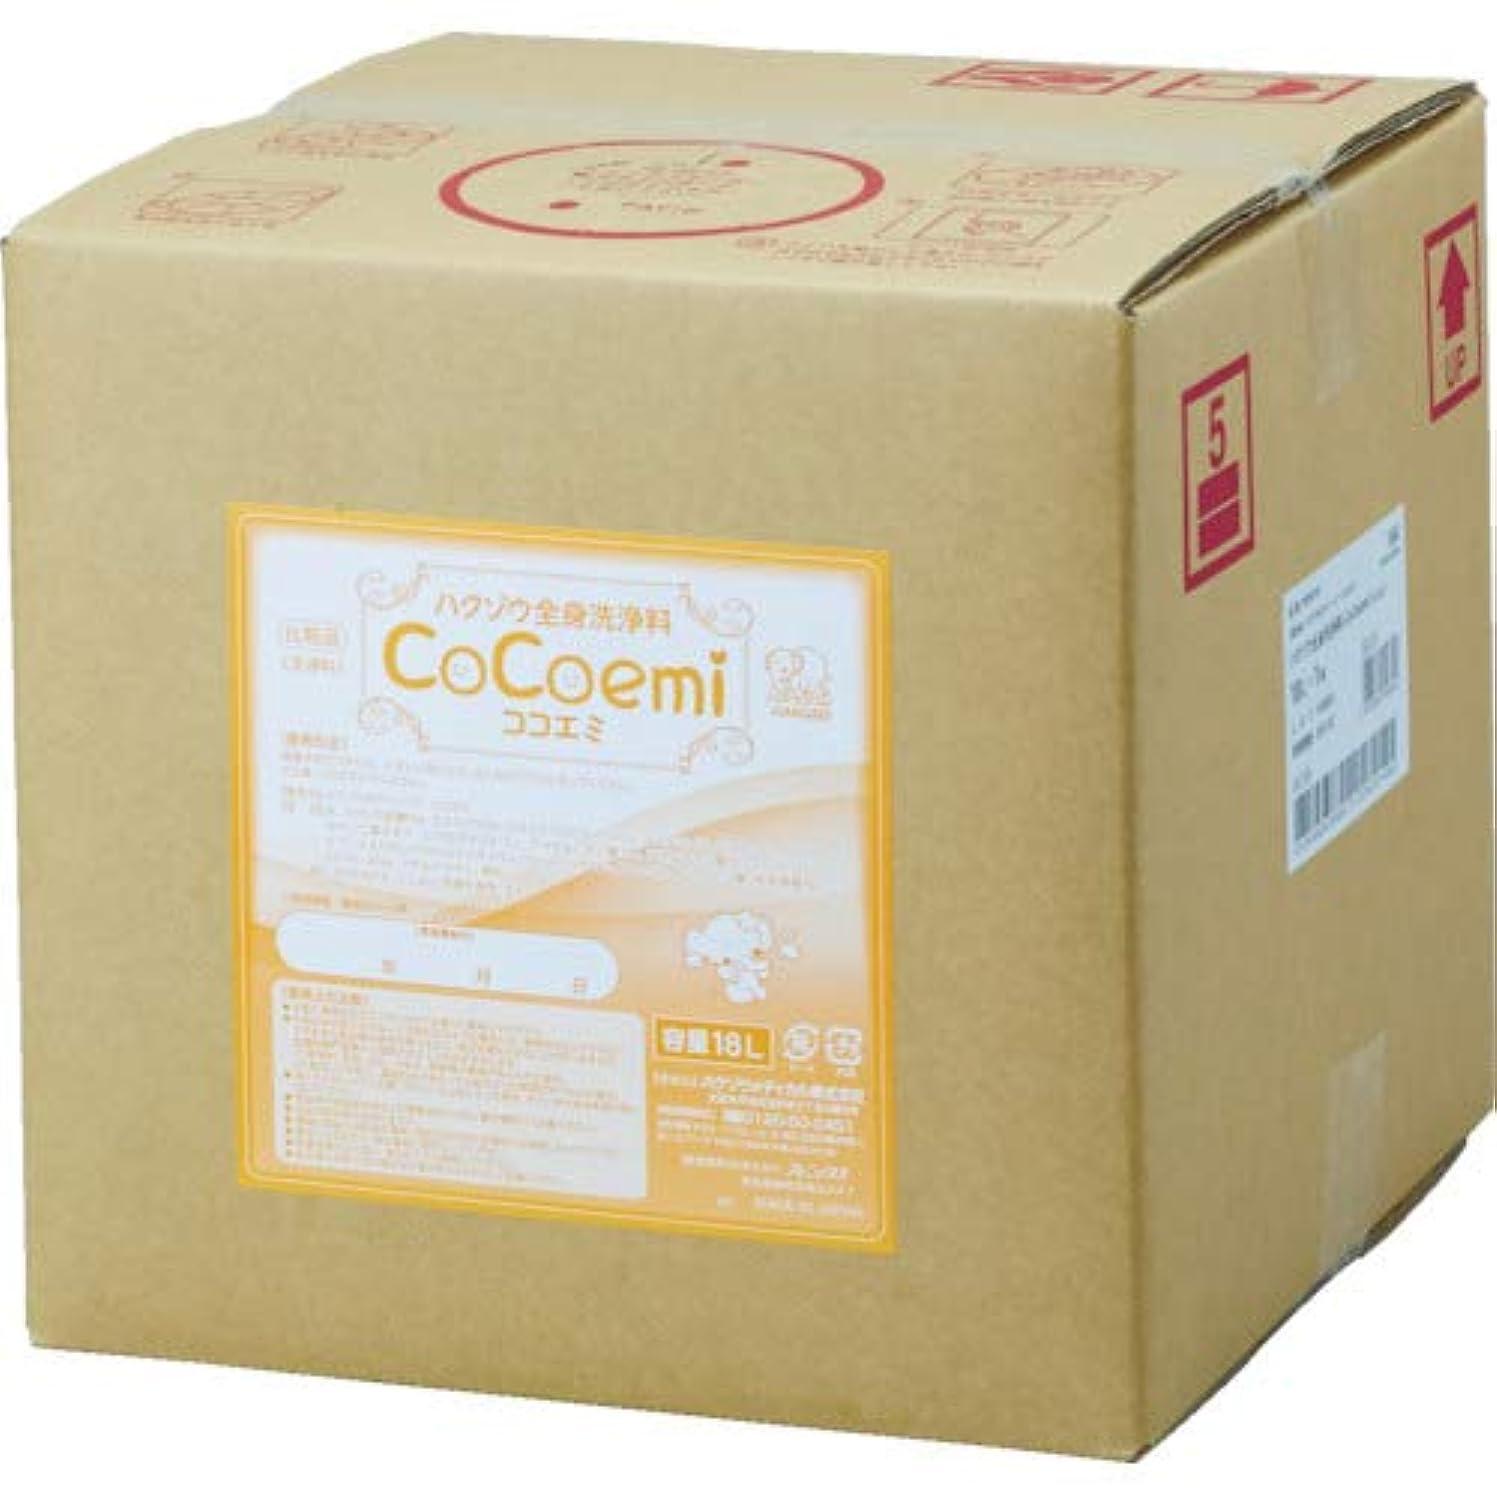 漏れ失われた国旗ハクゾウメディカル ハクゾウ全身洗浄料CoCoemi(ココエミ) 18L 3009018